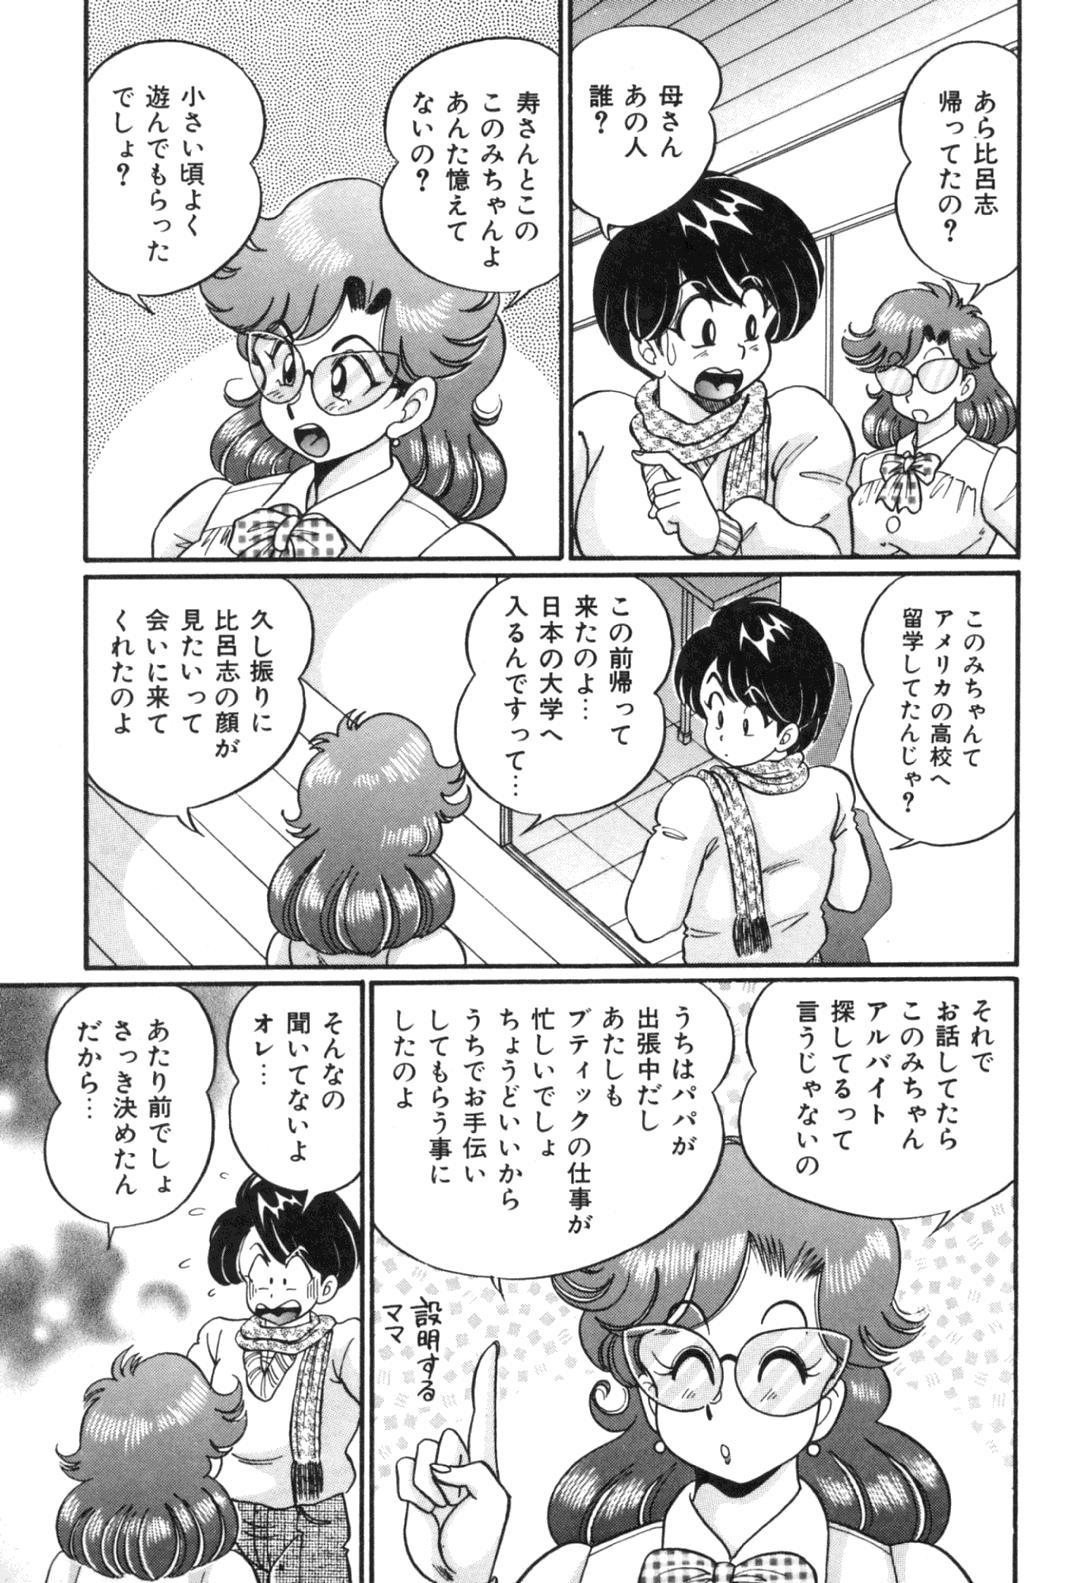 [Watanabe Wataru] Tonari no Onee-san - Sister of Neighborhood 115